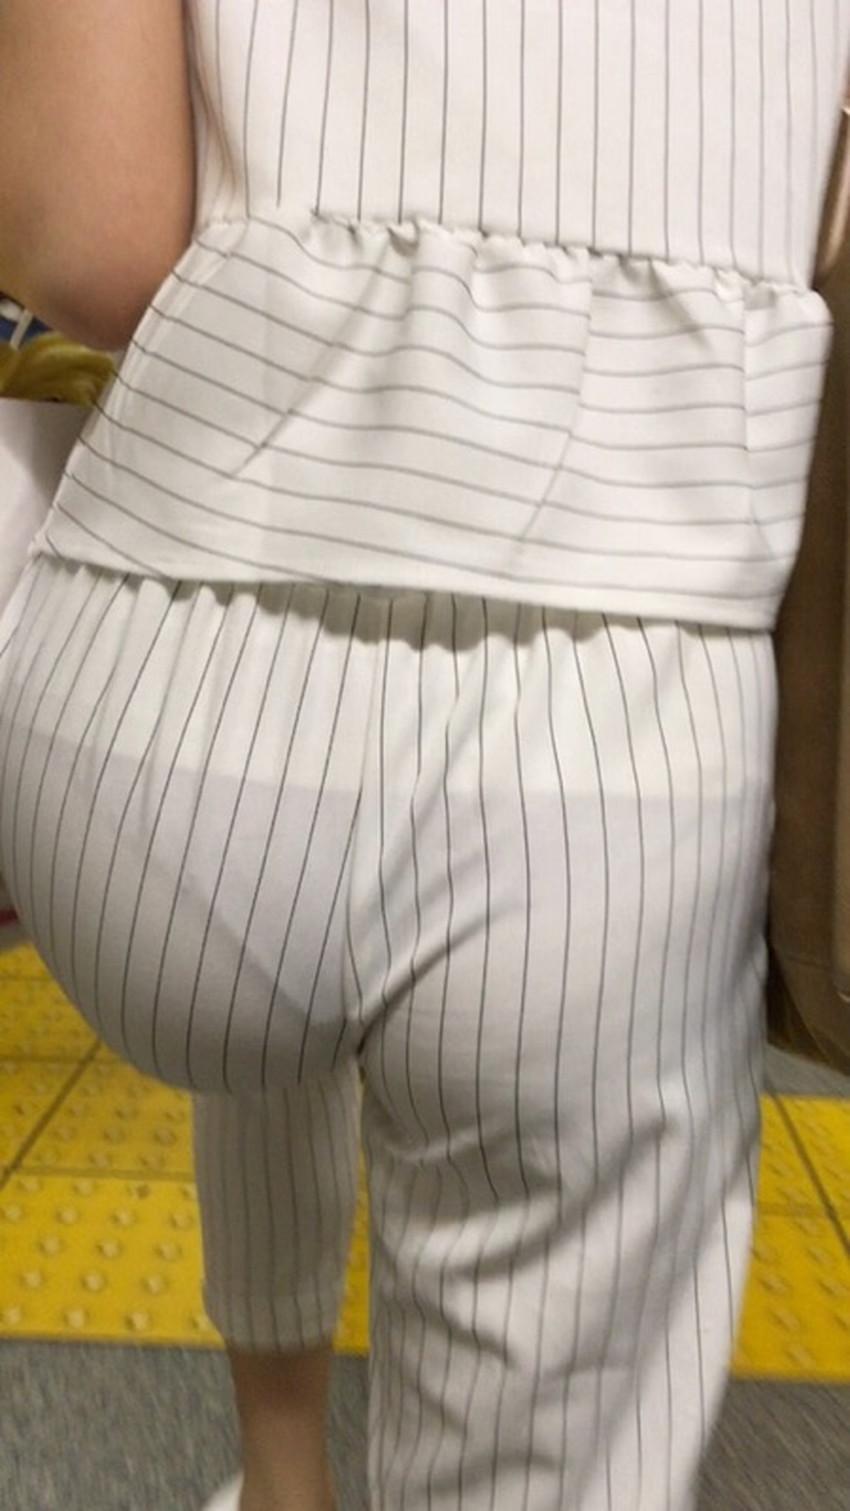 【パン線エロ画像】パンティーライン丸見えのパン線女子は全裸よりもエロいことに気がついていないパン線エロ画像集!ww【80枚】 26